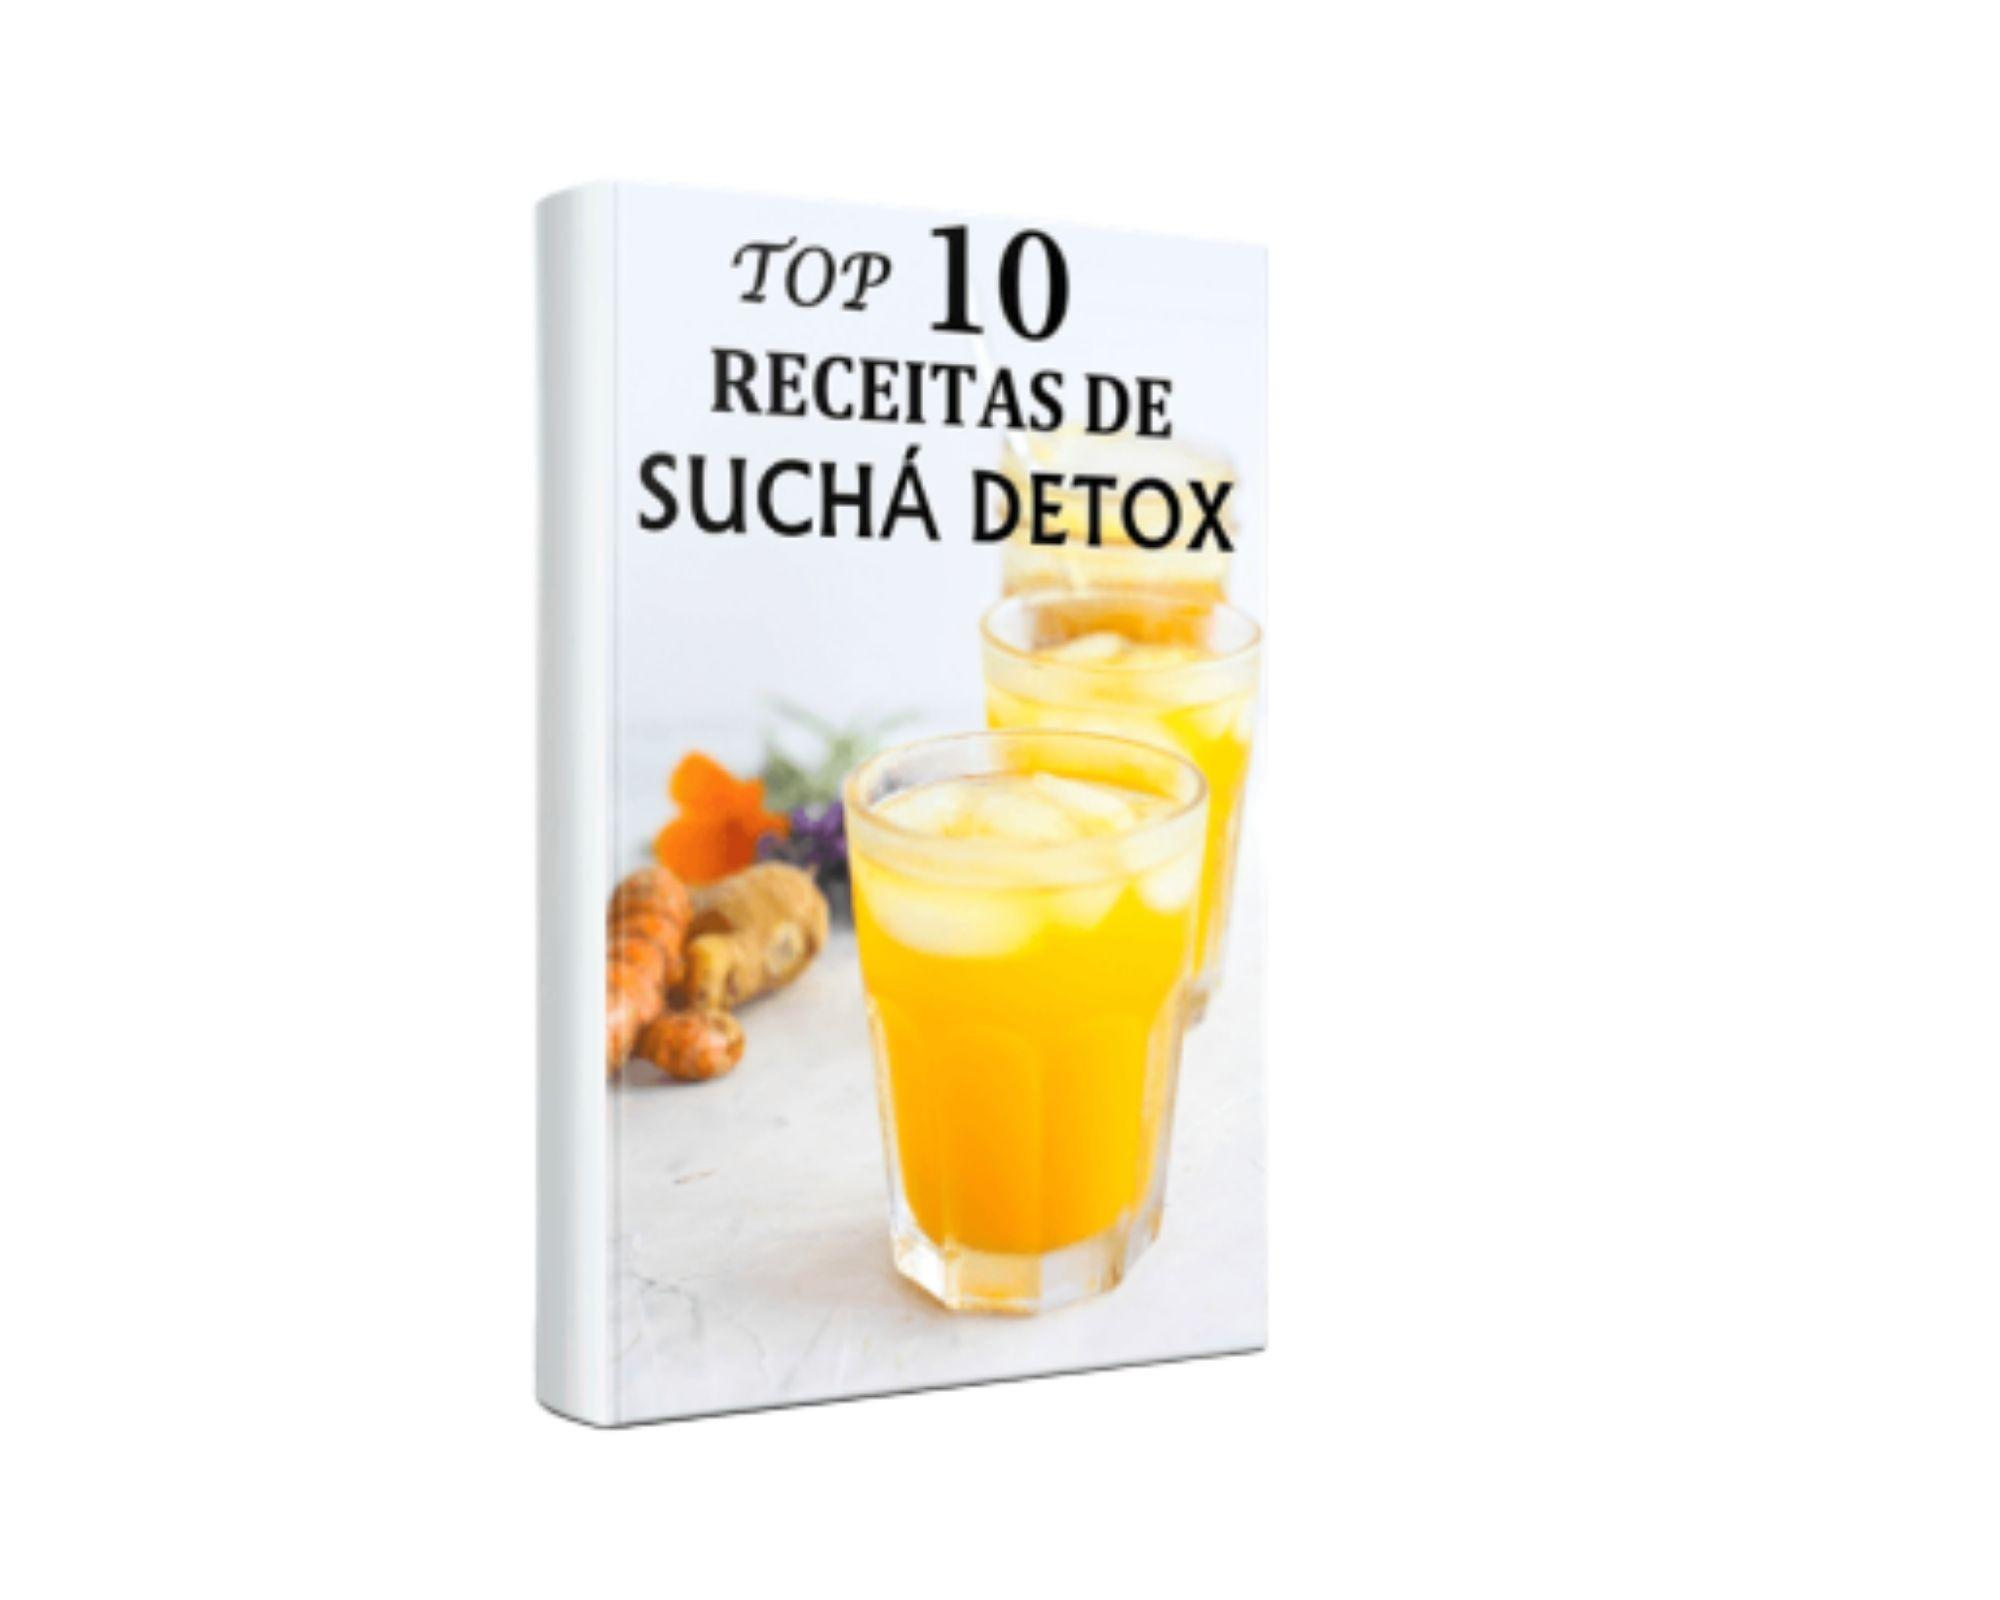 Detox Sem Segredos - Desintoxicação, limpeza e emagrecimento em 3 dias